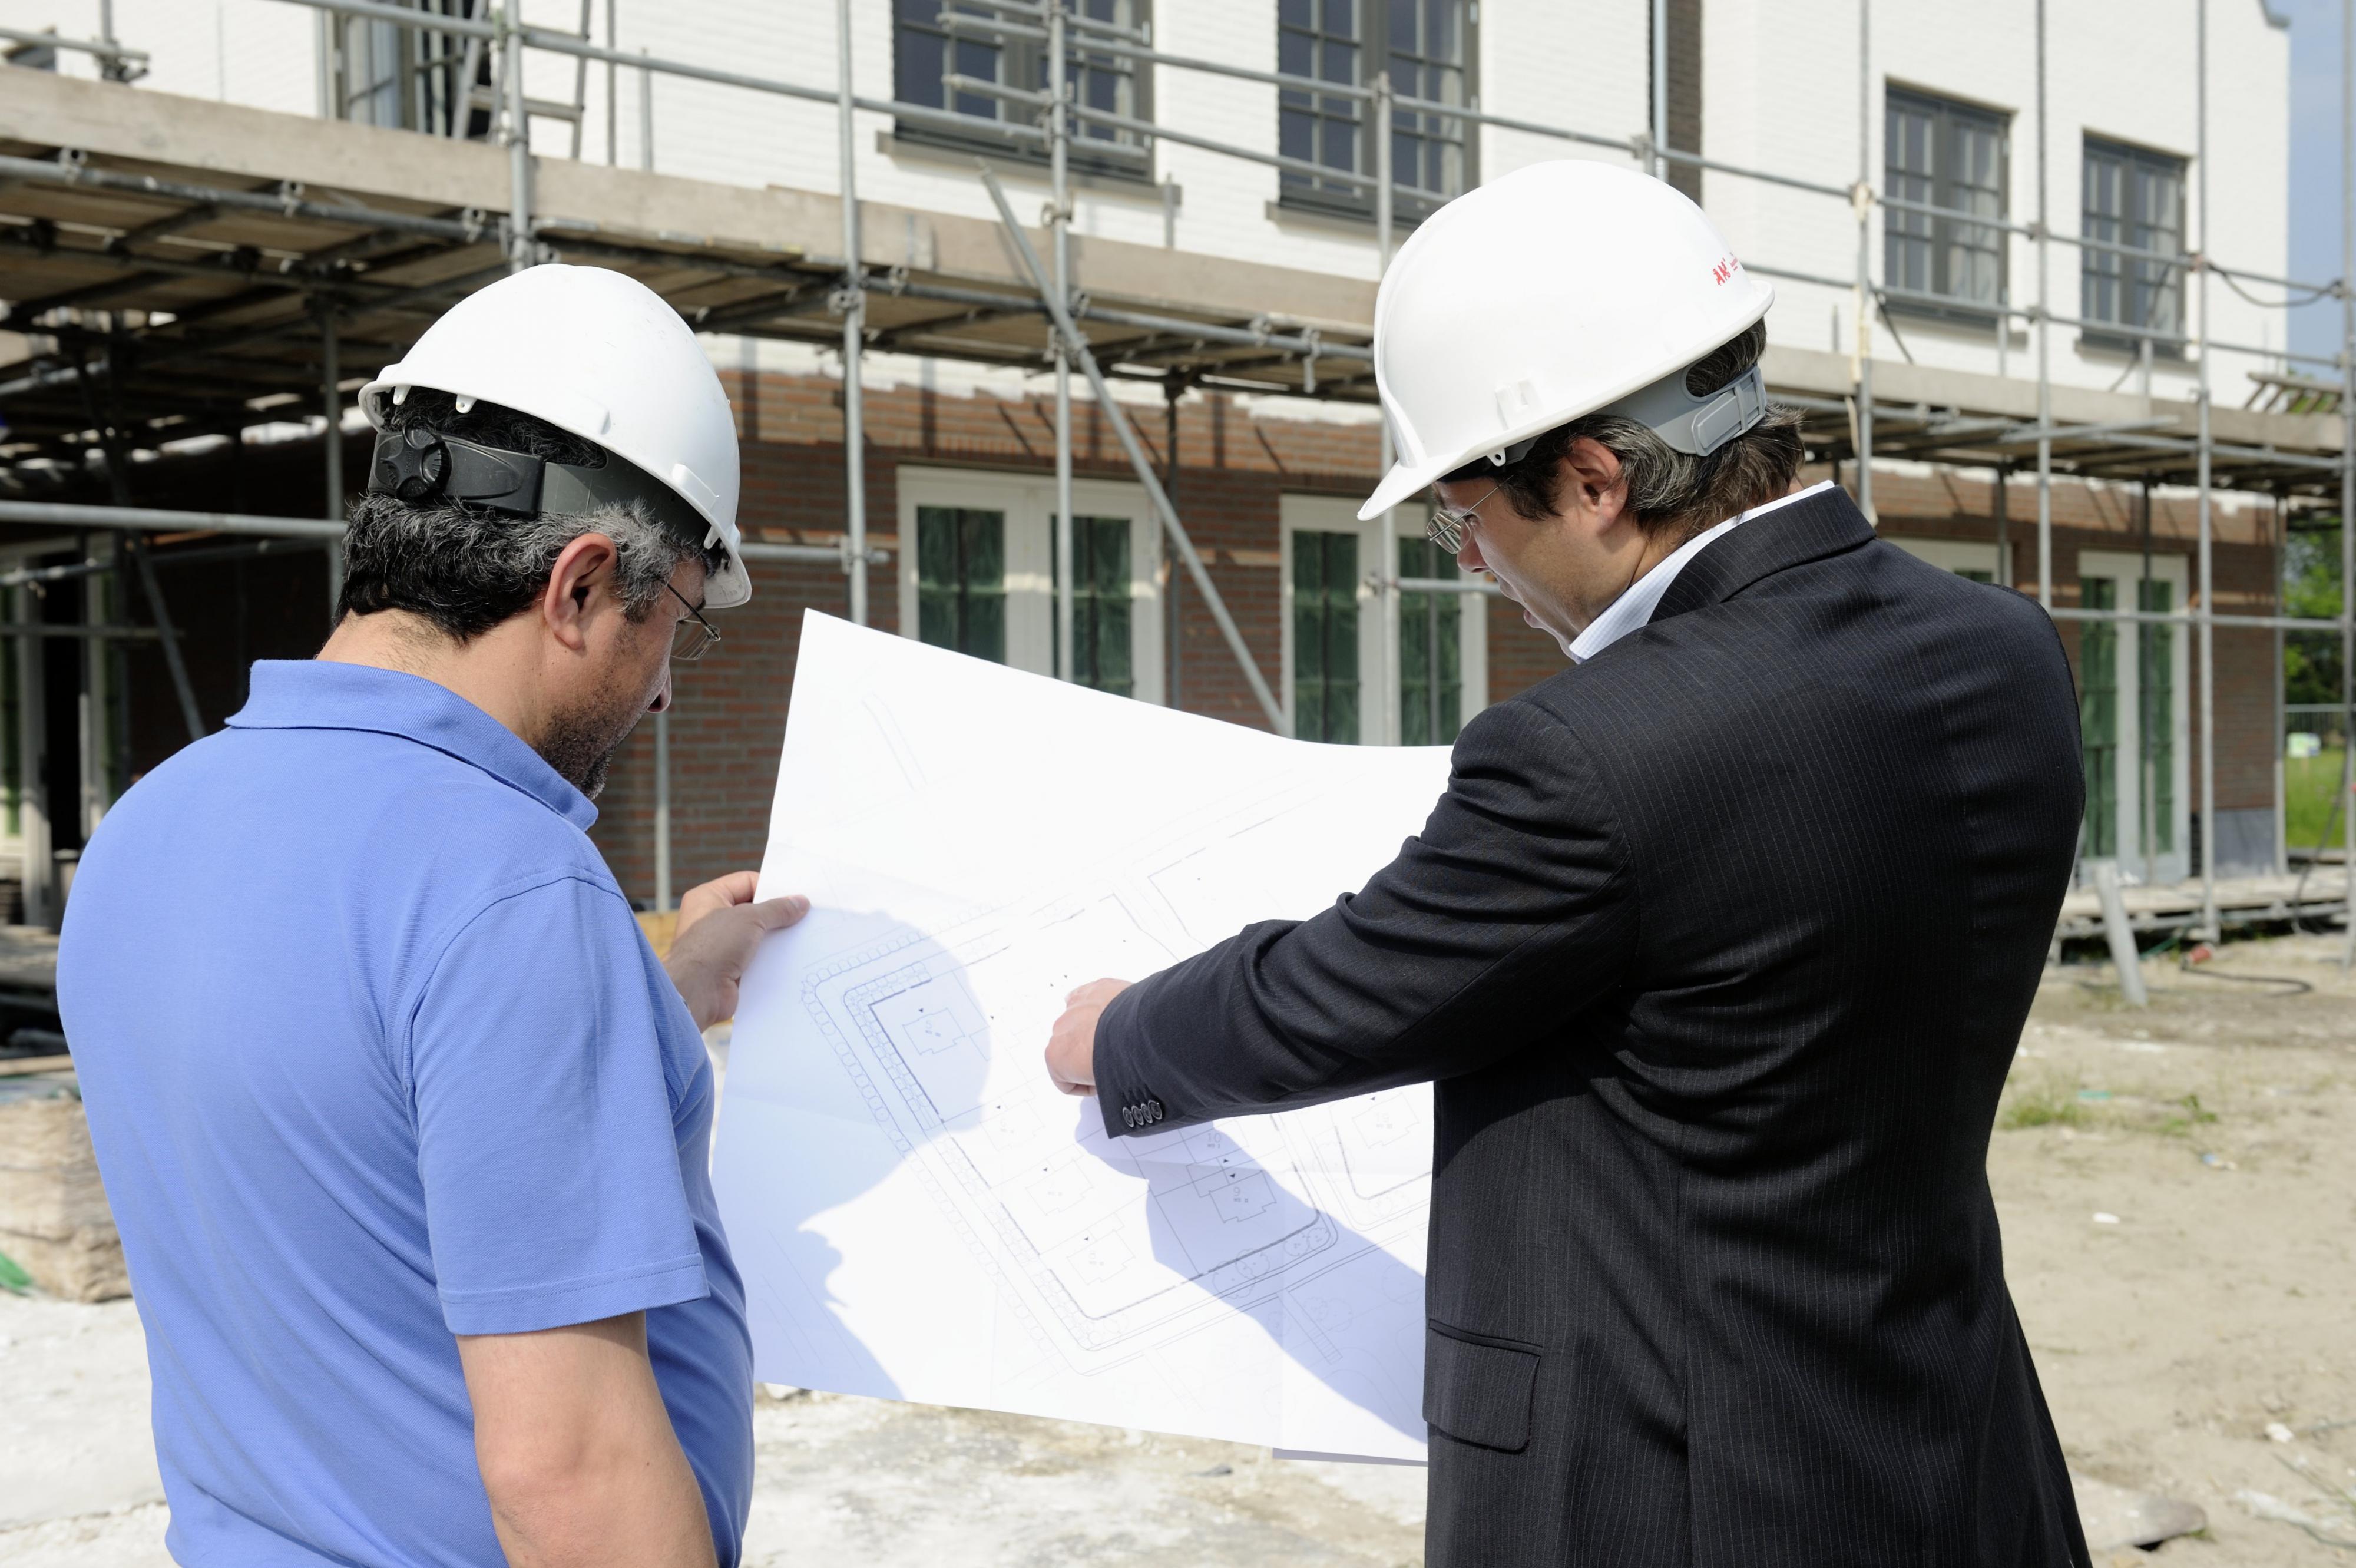 De bezichtiging van een nieuwbouwhuis met de makelaar. Foto: ANP / Lex van Lieshout